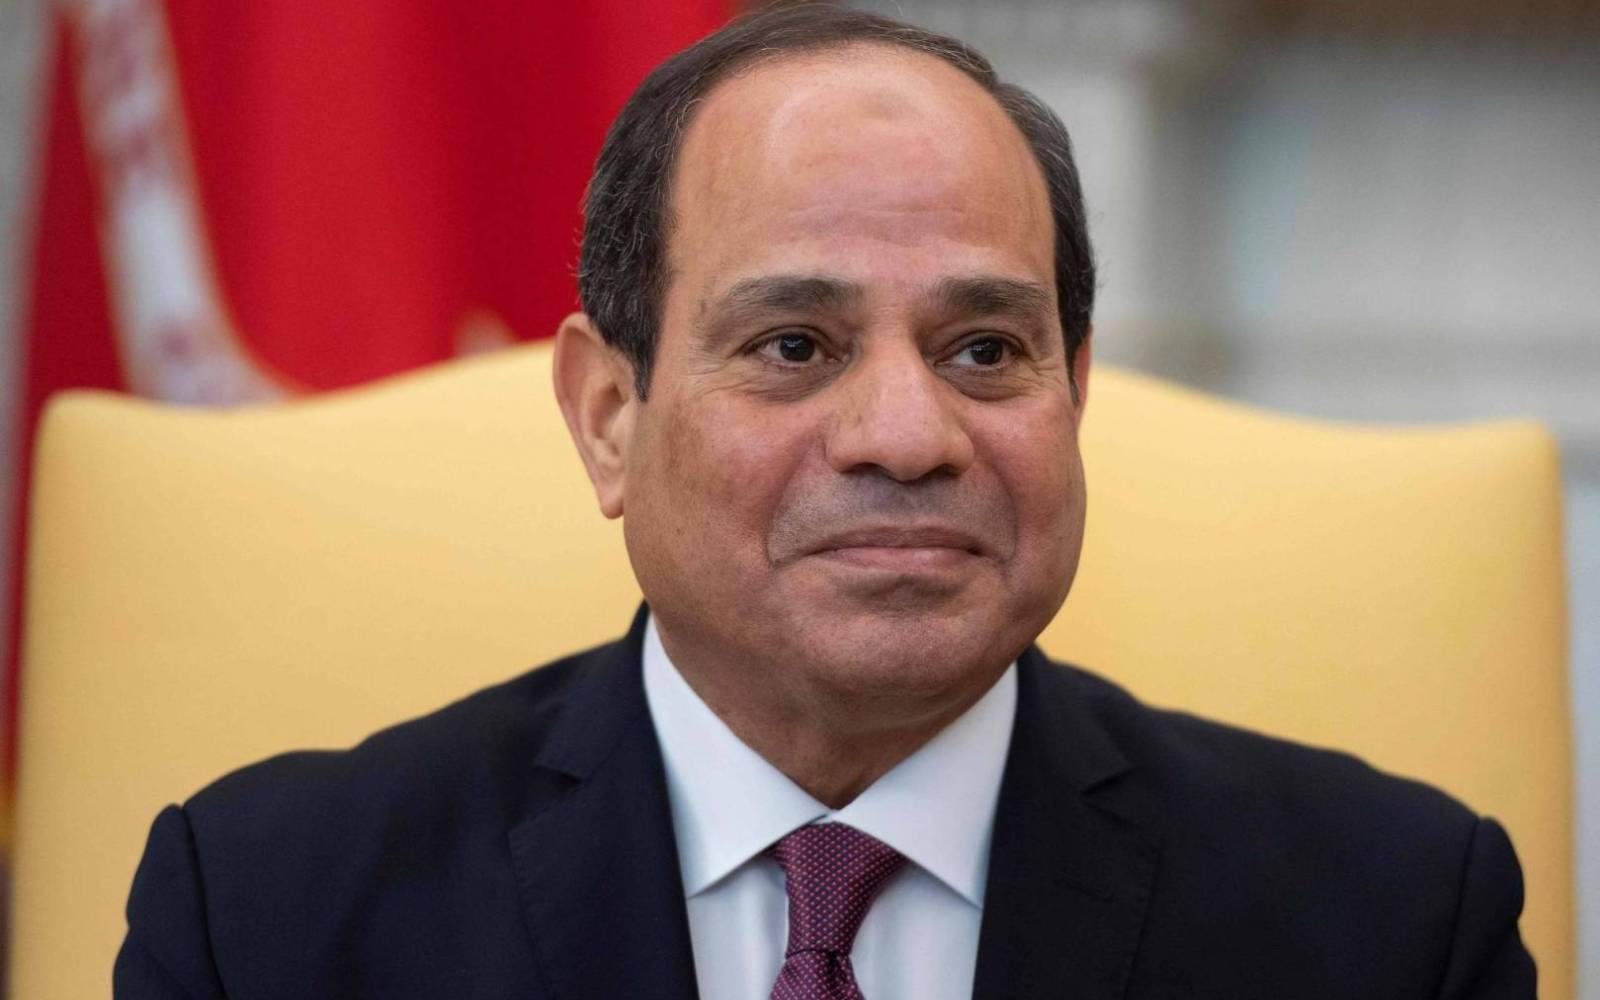 رئيس الوزراء :السيسي تسلم حكم مصر في أوضاع تنذر بانهيار محتوم - جريدة المال